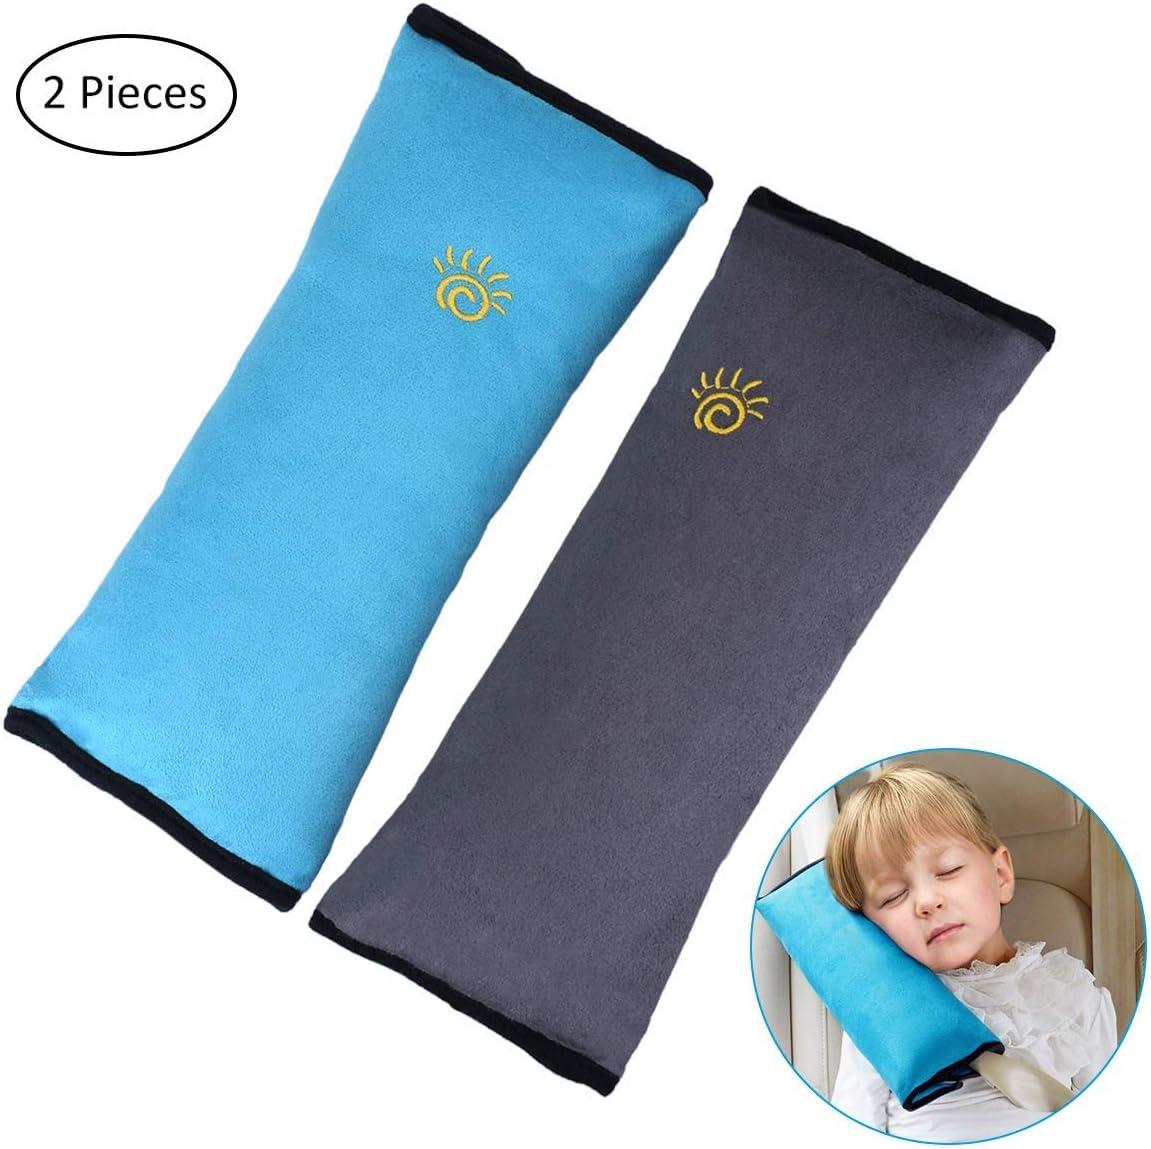 almohadilla de protector de seguridad Ecloud Shop/® Almohada de cintur/ón de seguridad soporte para el cuello del reposacabezas fundas de asiento de coche para ni/ños